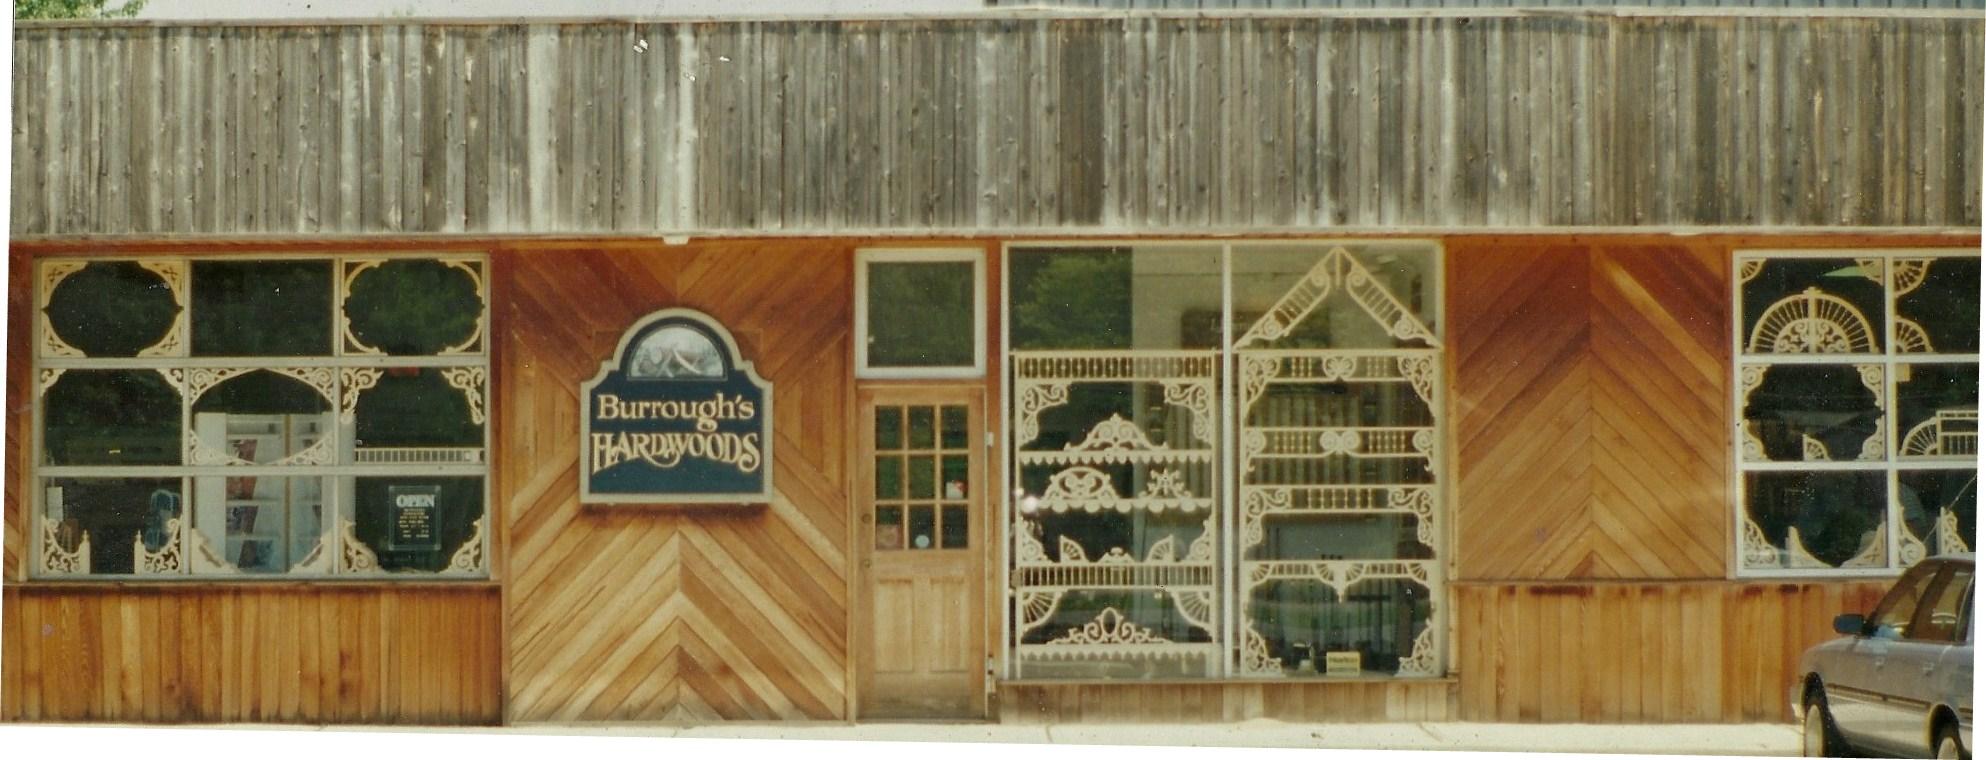 Burroughs Hardwoods Store Front